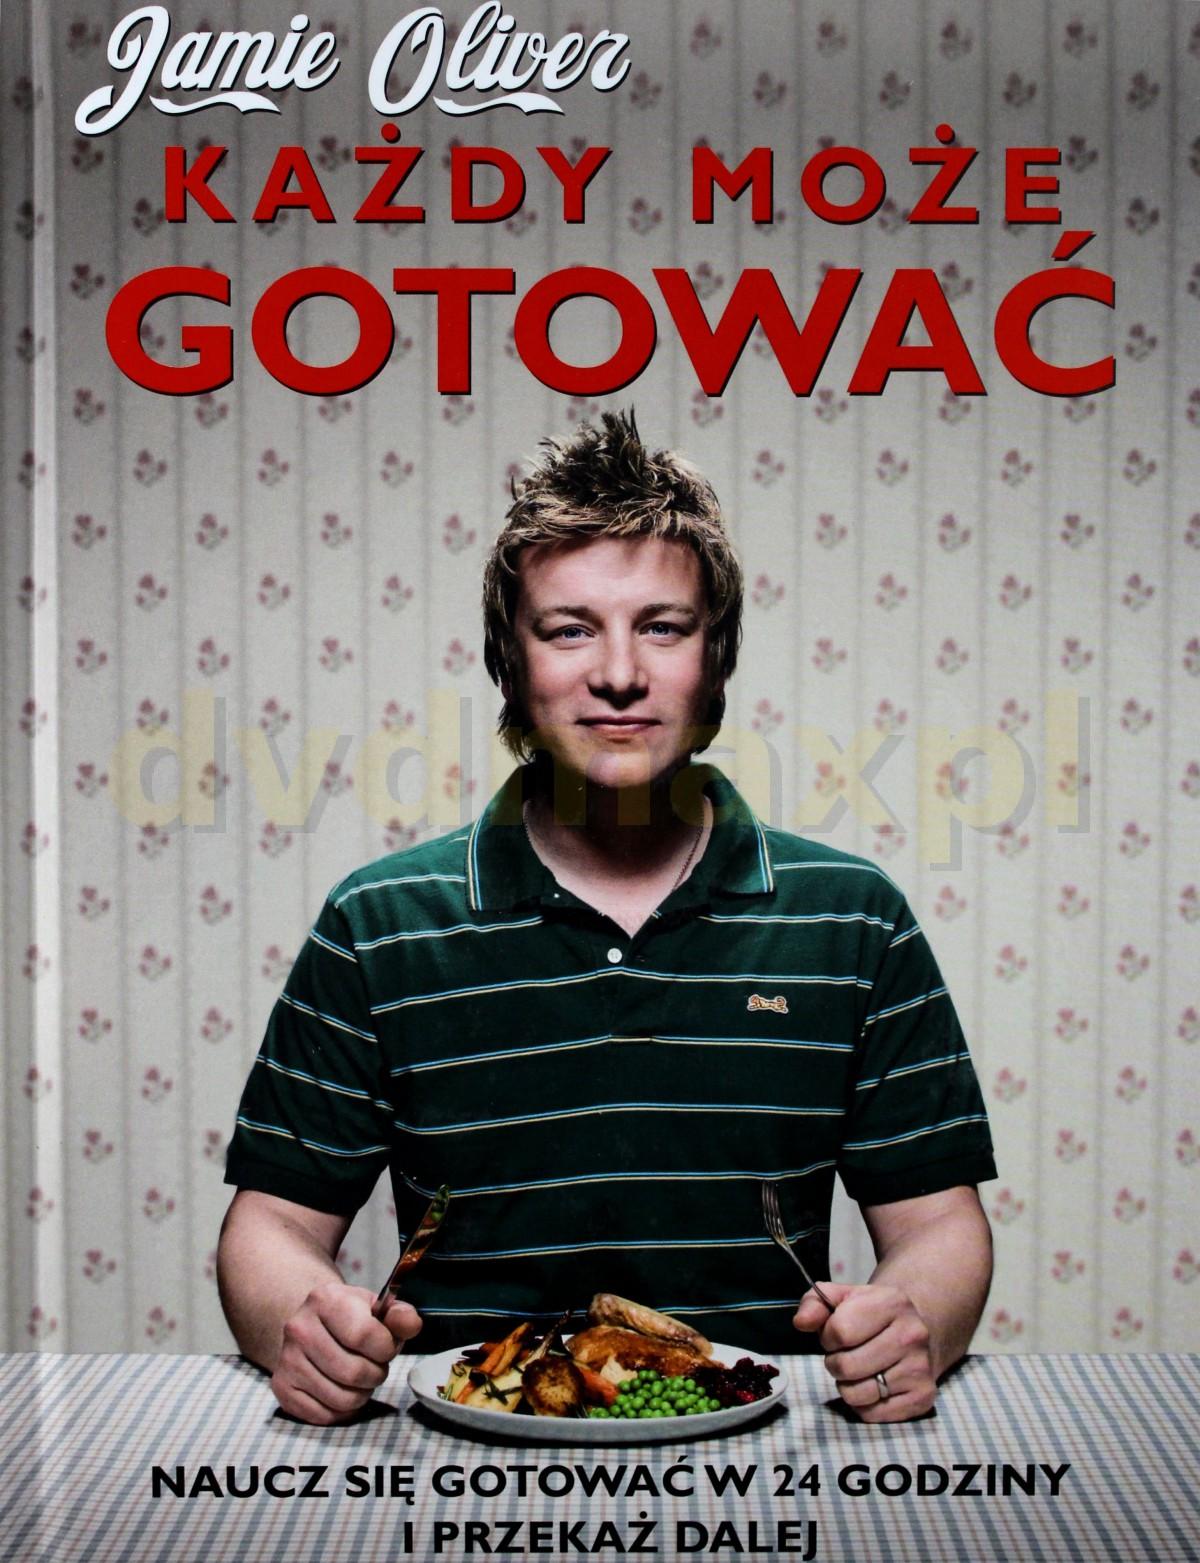 Każdy Może Gotować (twarda) - Jamie Oliver [KSIĄŻKA] - Jamie Oliver